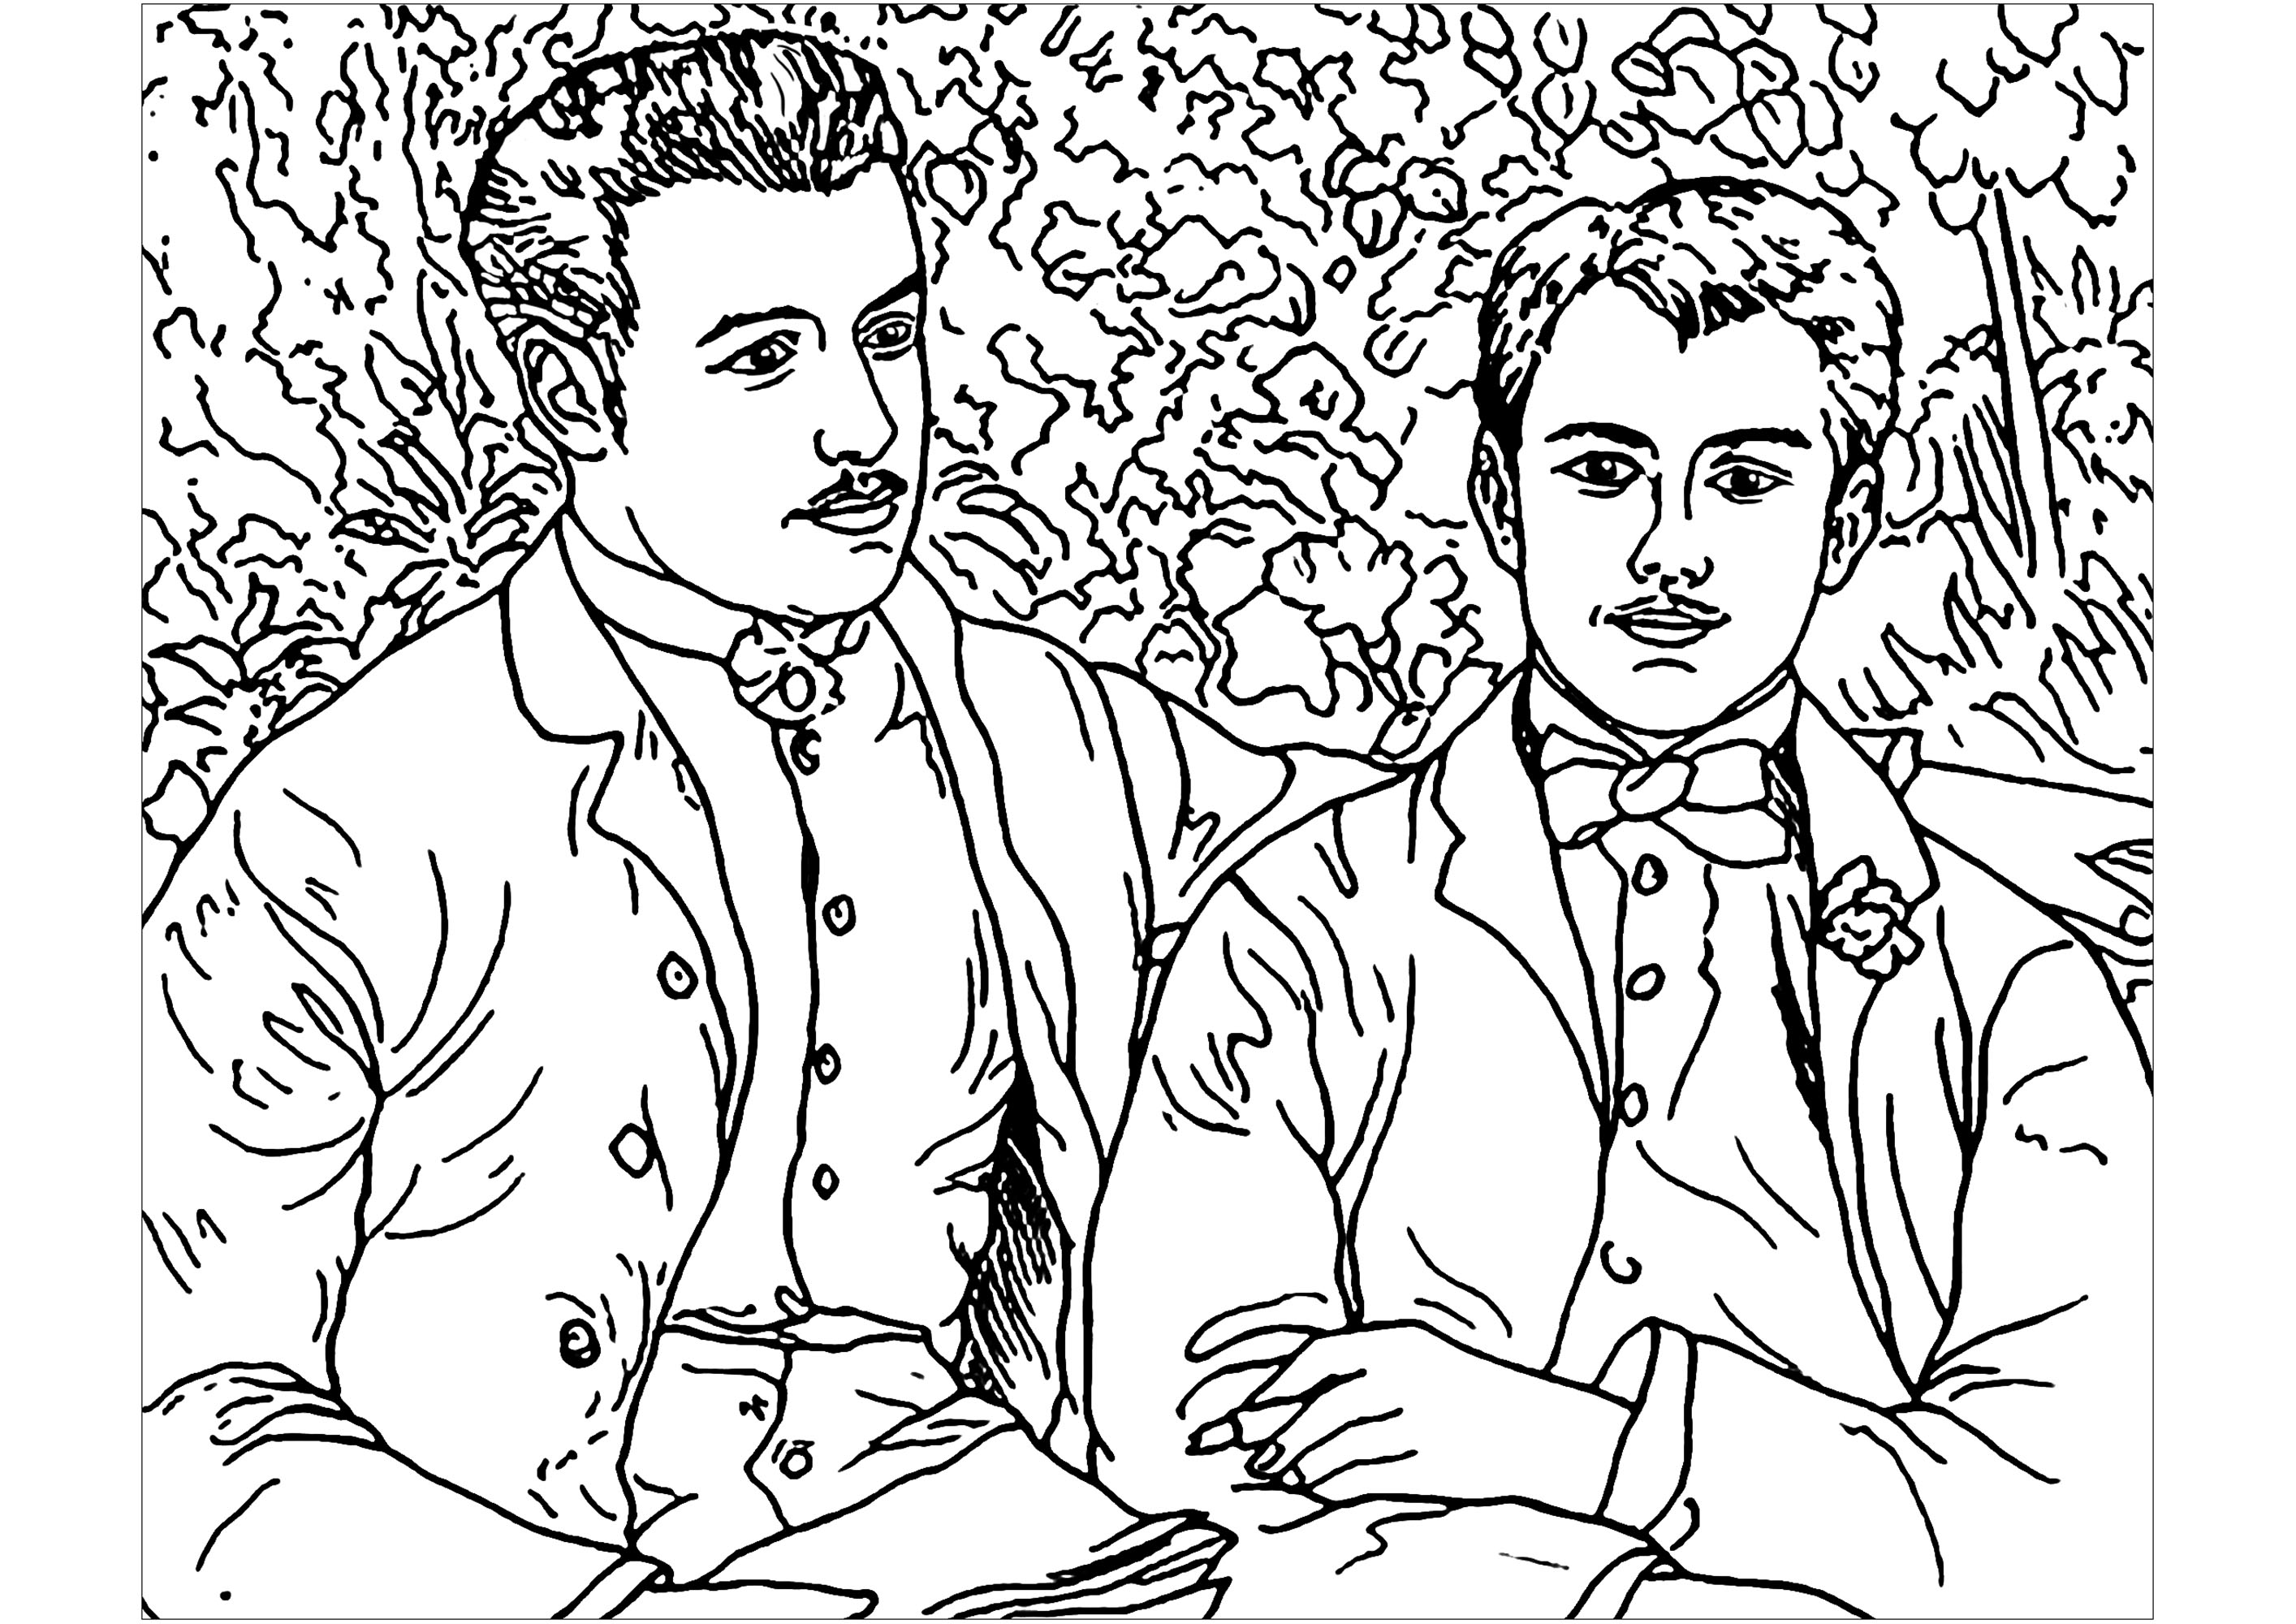 Coloriage créé à partir d'un double portrait de l'artiste Impressionniste Auguste Renoir : Charles et Georges Durand-Ruel